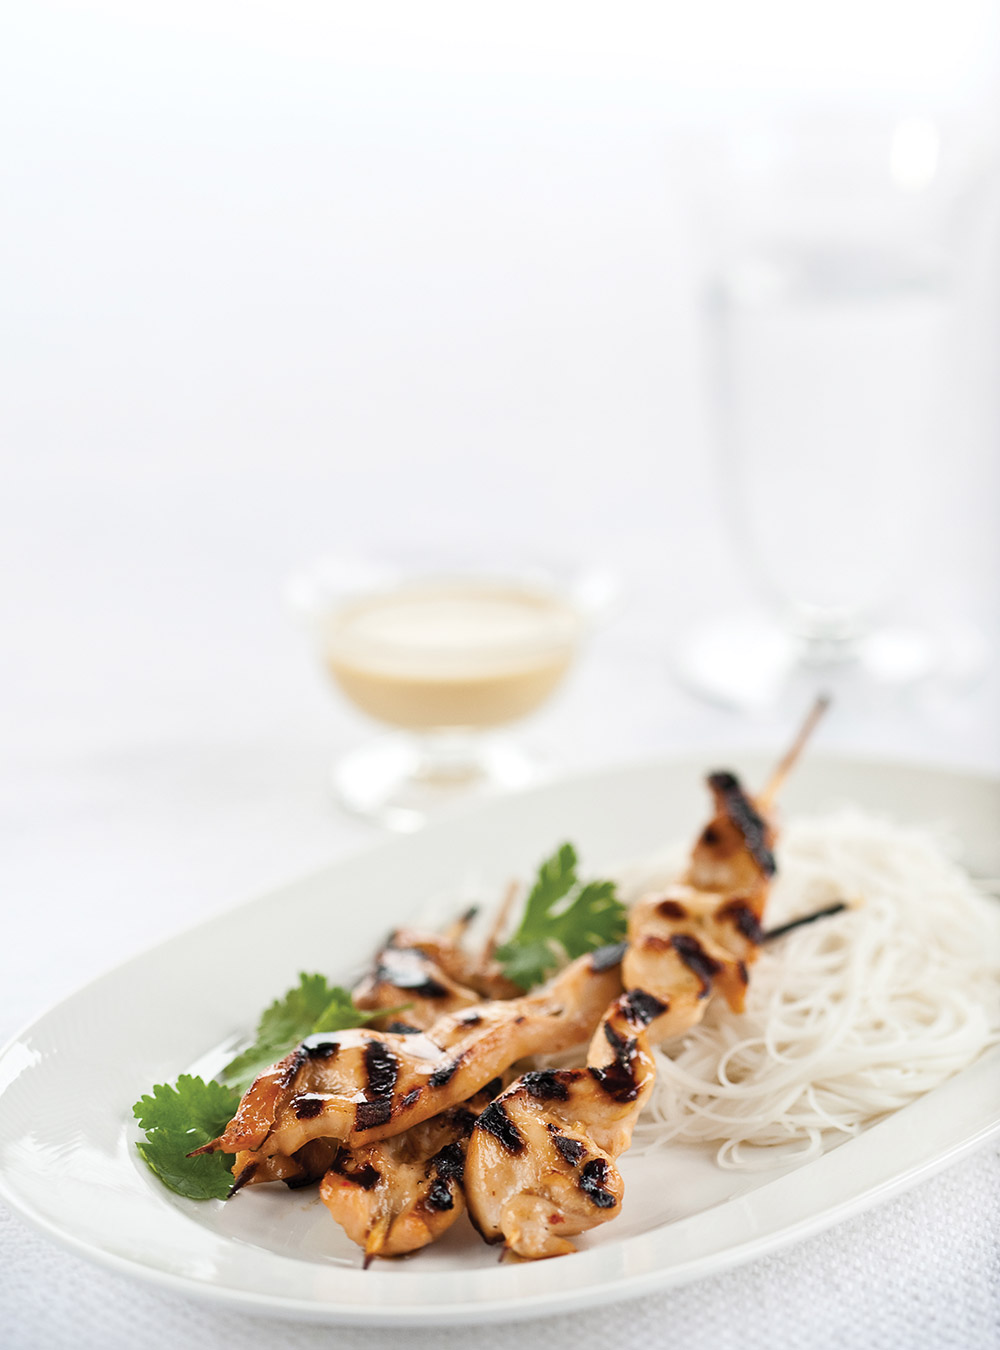 Brochettes de poulet, sauce aux arachides | ricardo